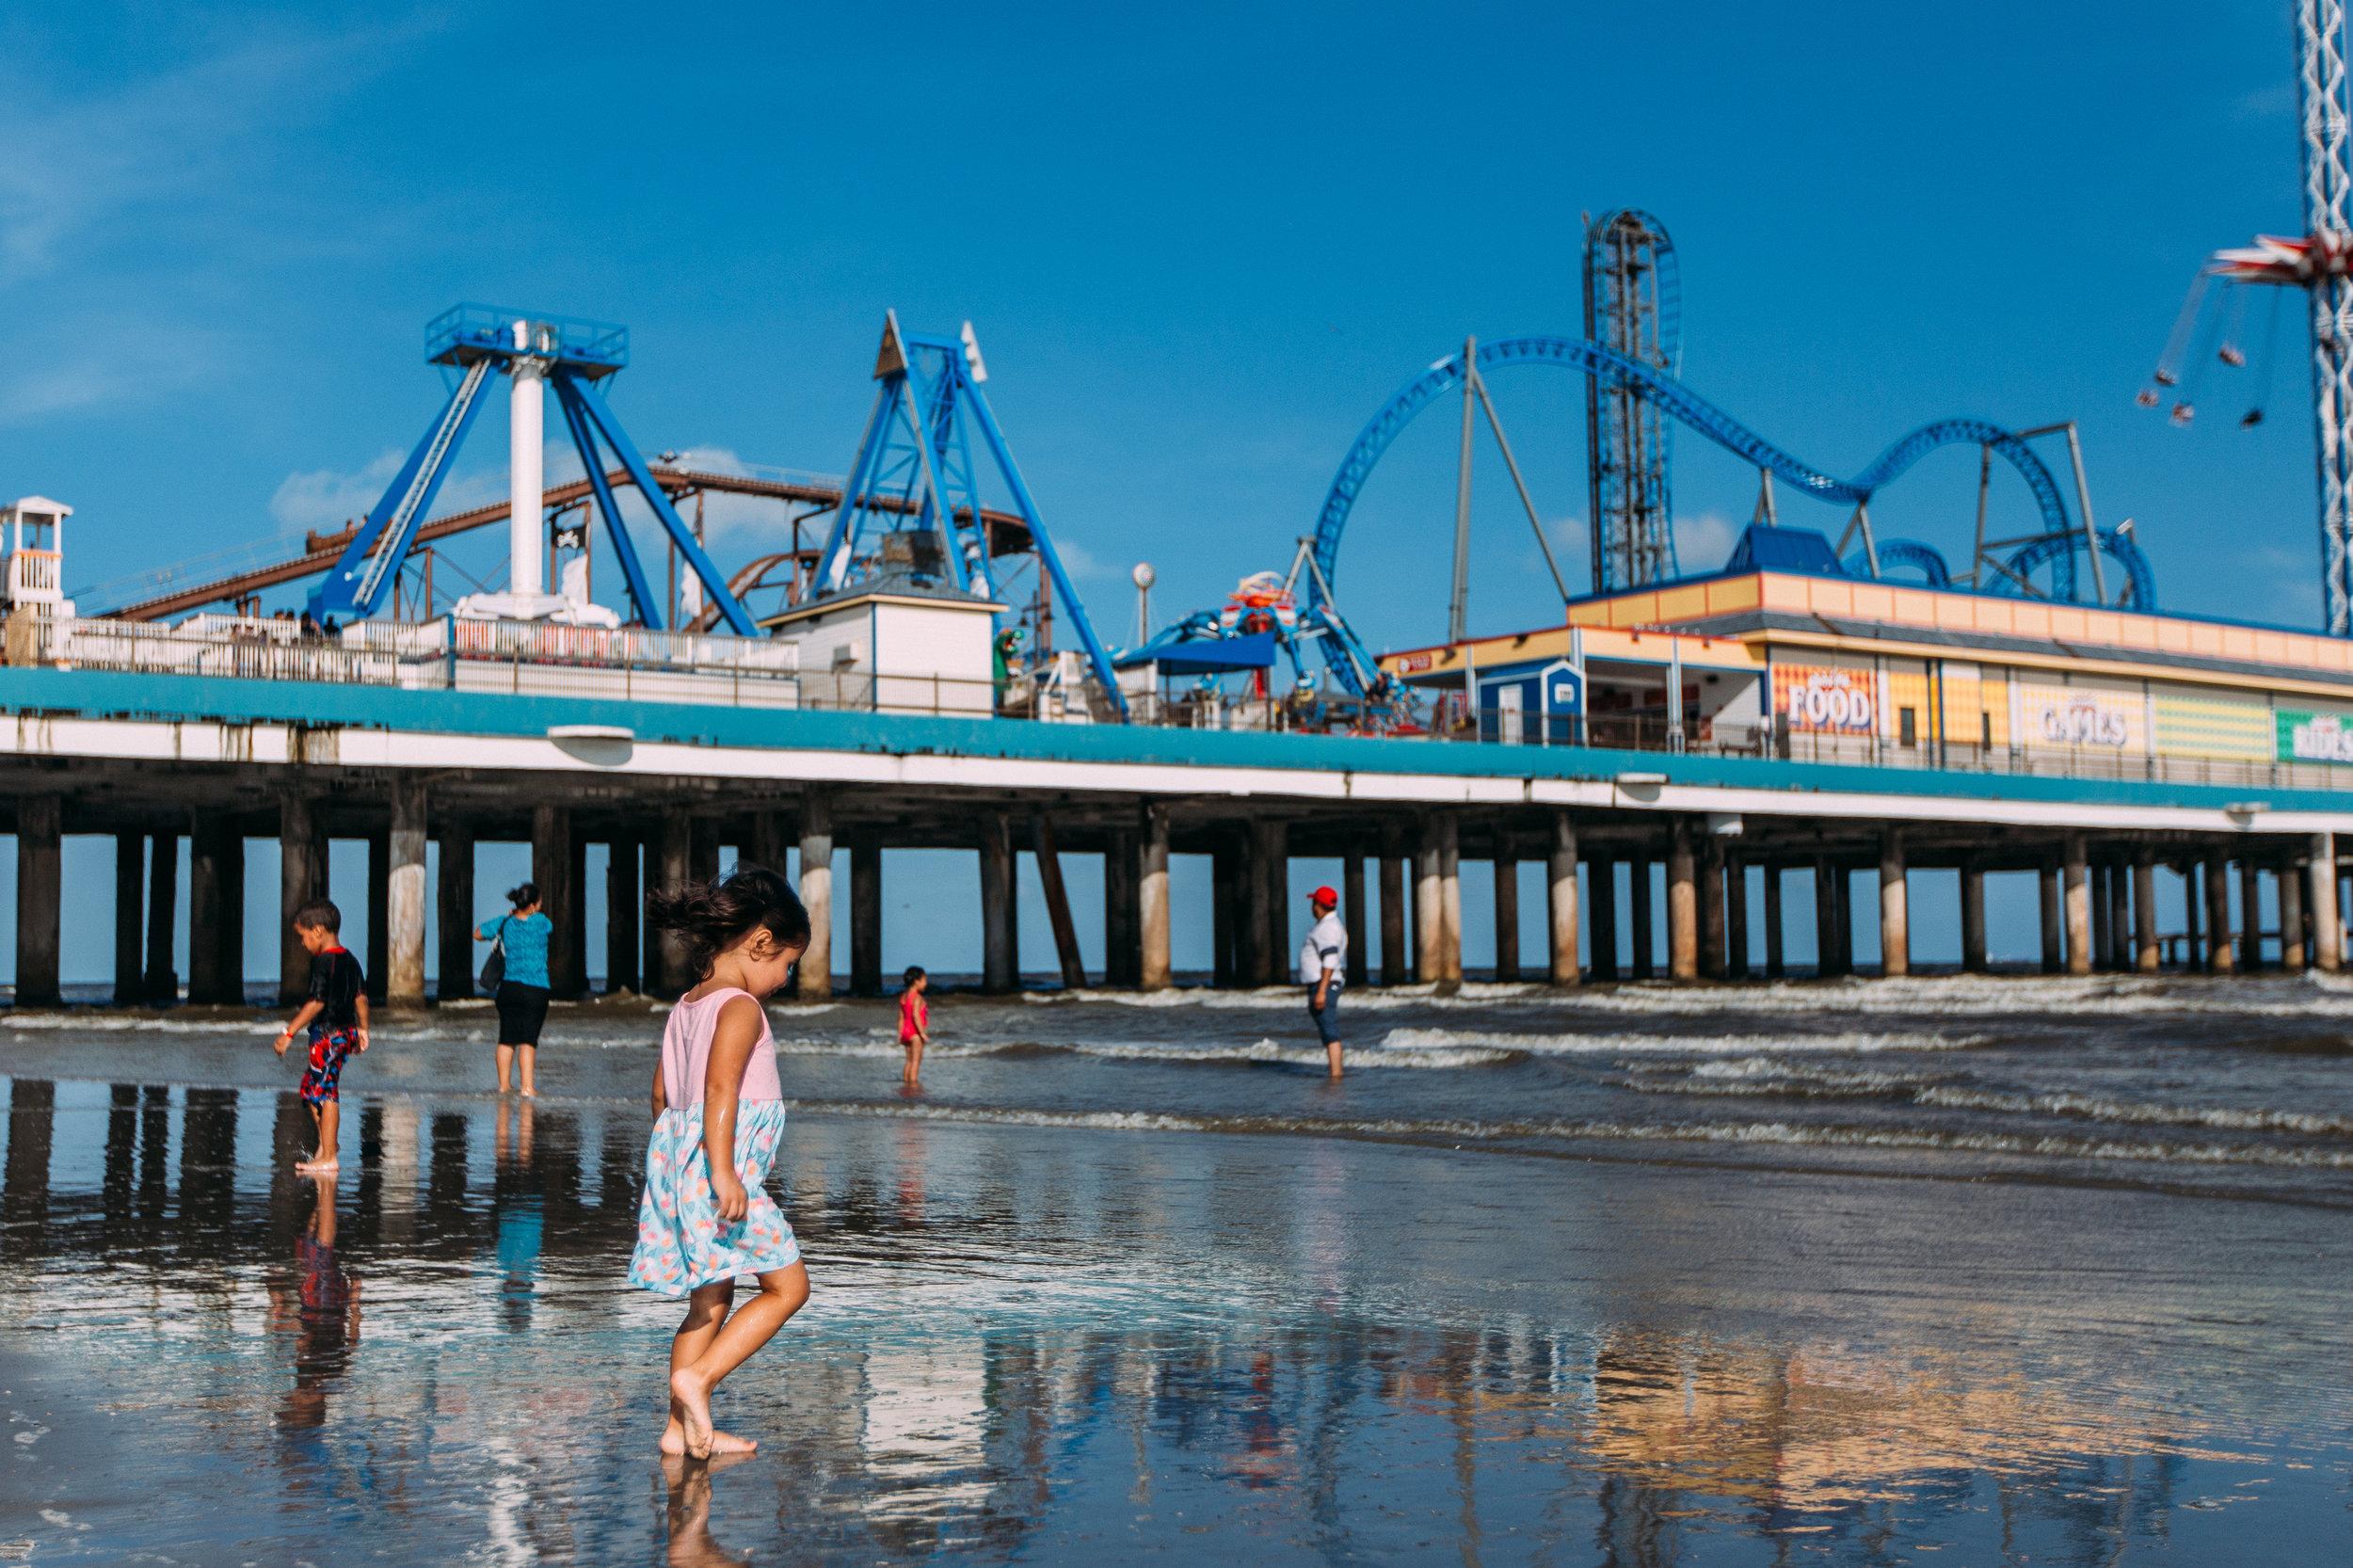 Little girl walking by the pier